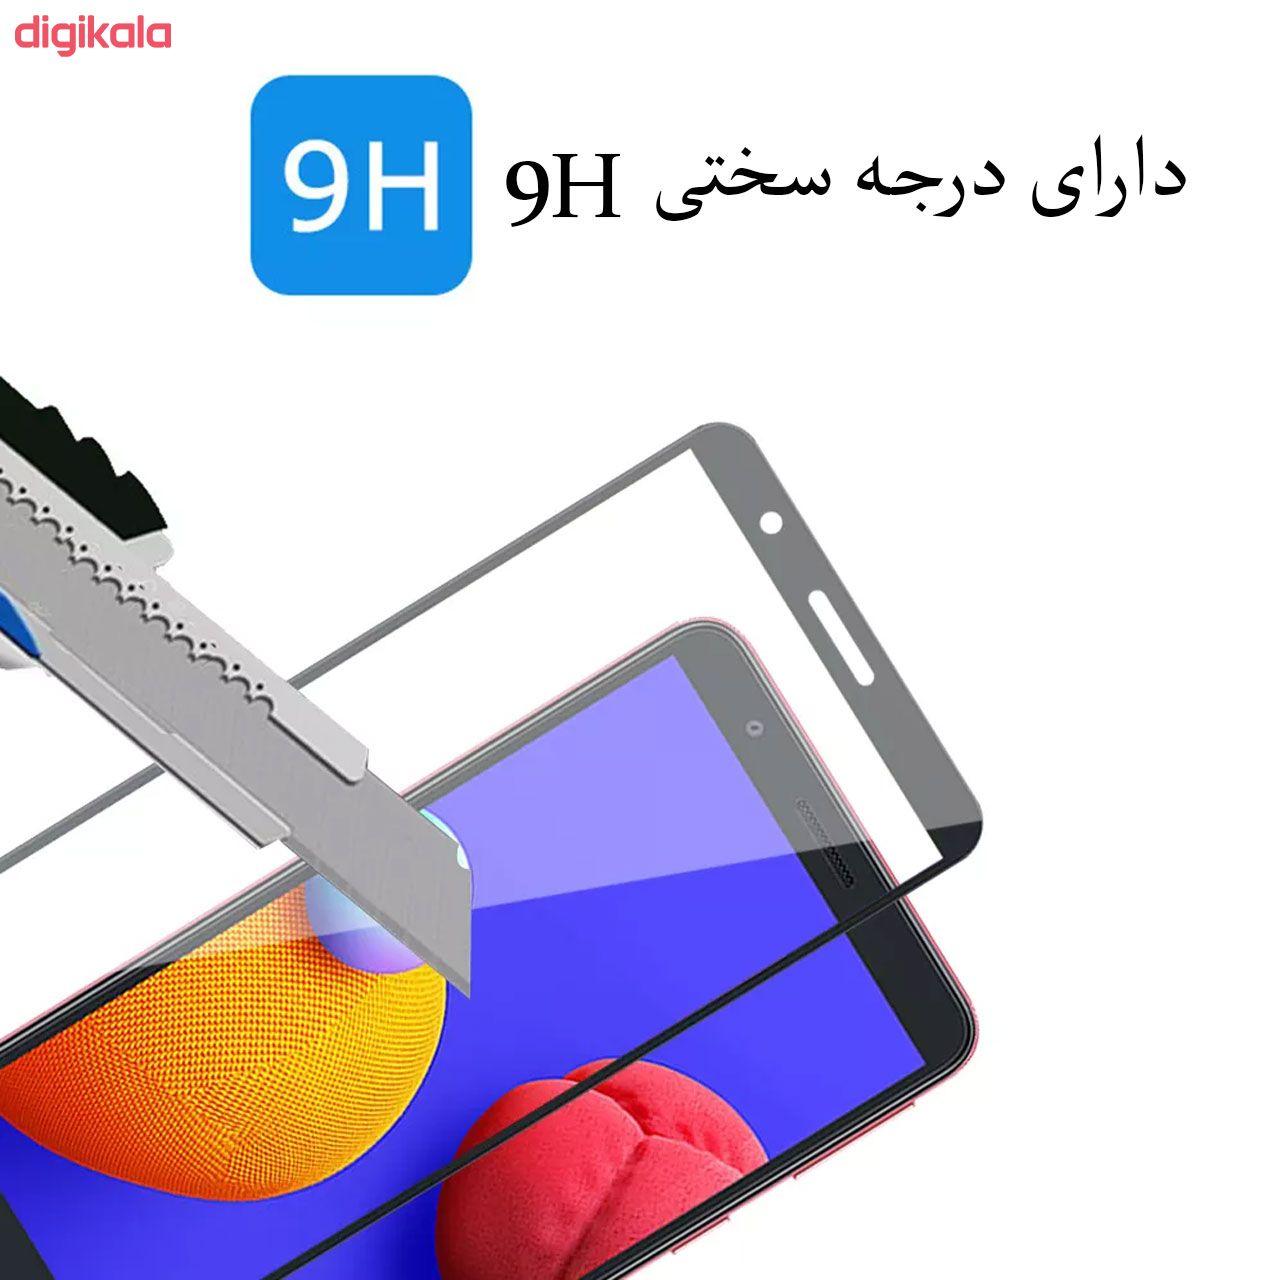 محافظ صفحه نمایش مدل FCG مناسب برای گوشی موبایل سامسونگ Galaxy A01 Core main 1 7